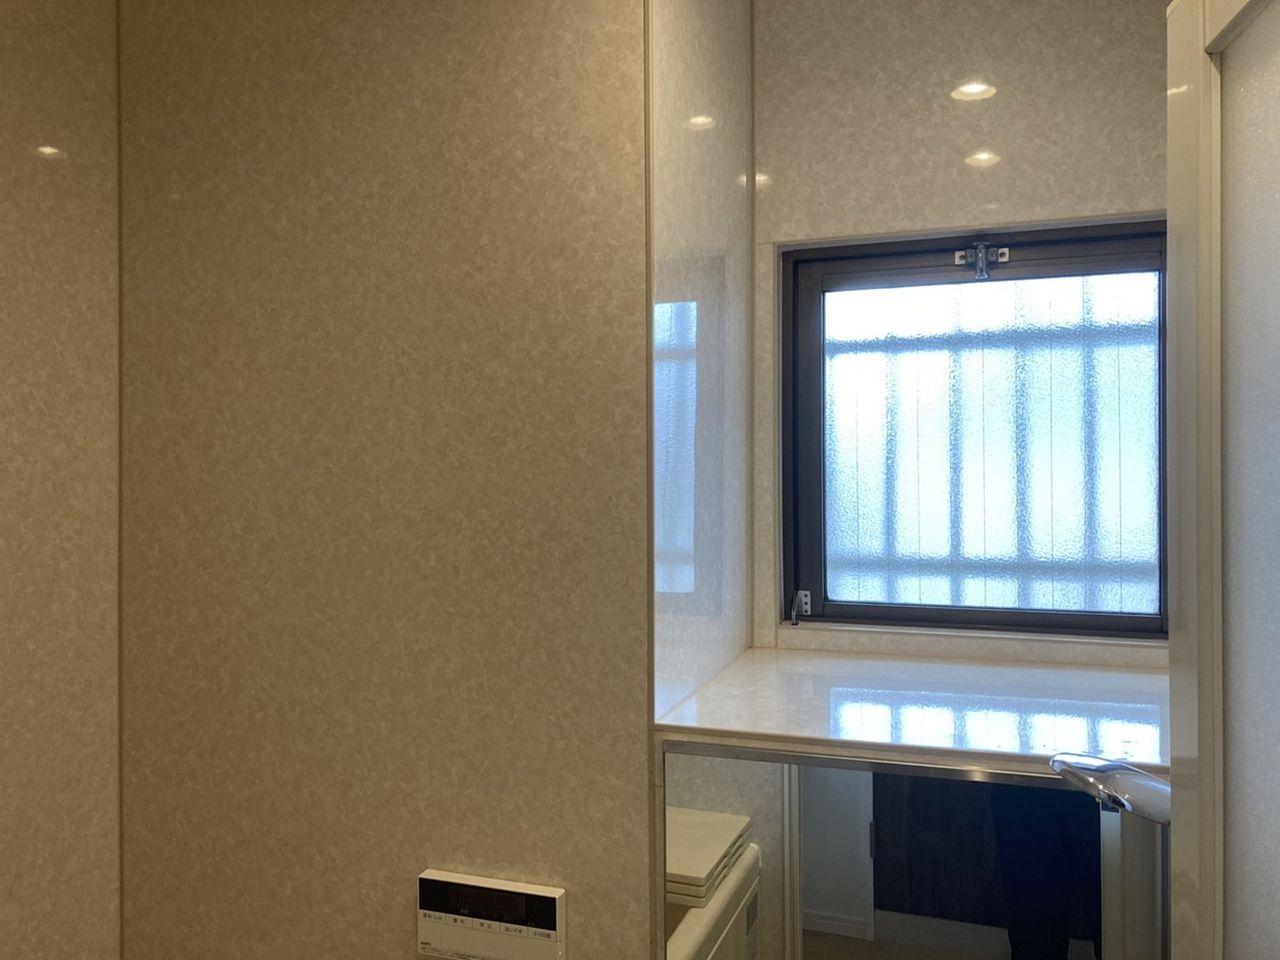 窓があるのはありがたいですね!棚の下(鏡の裏)はMBです。